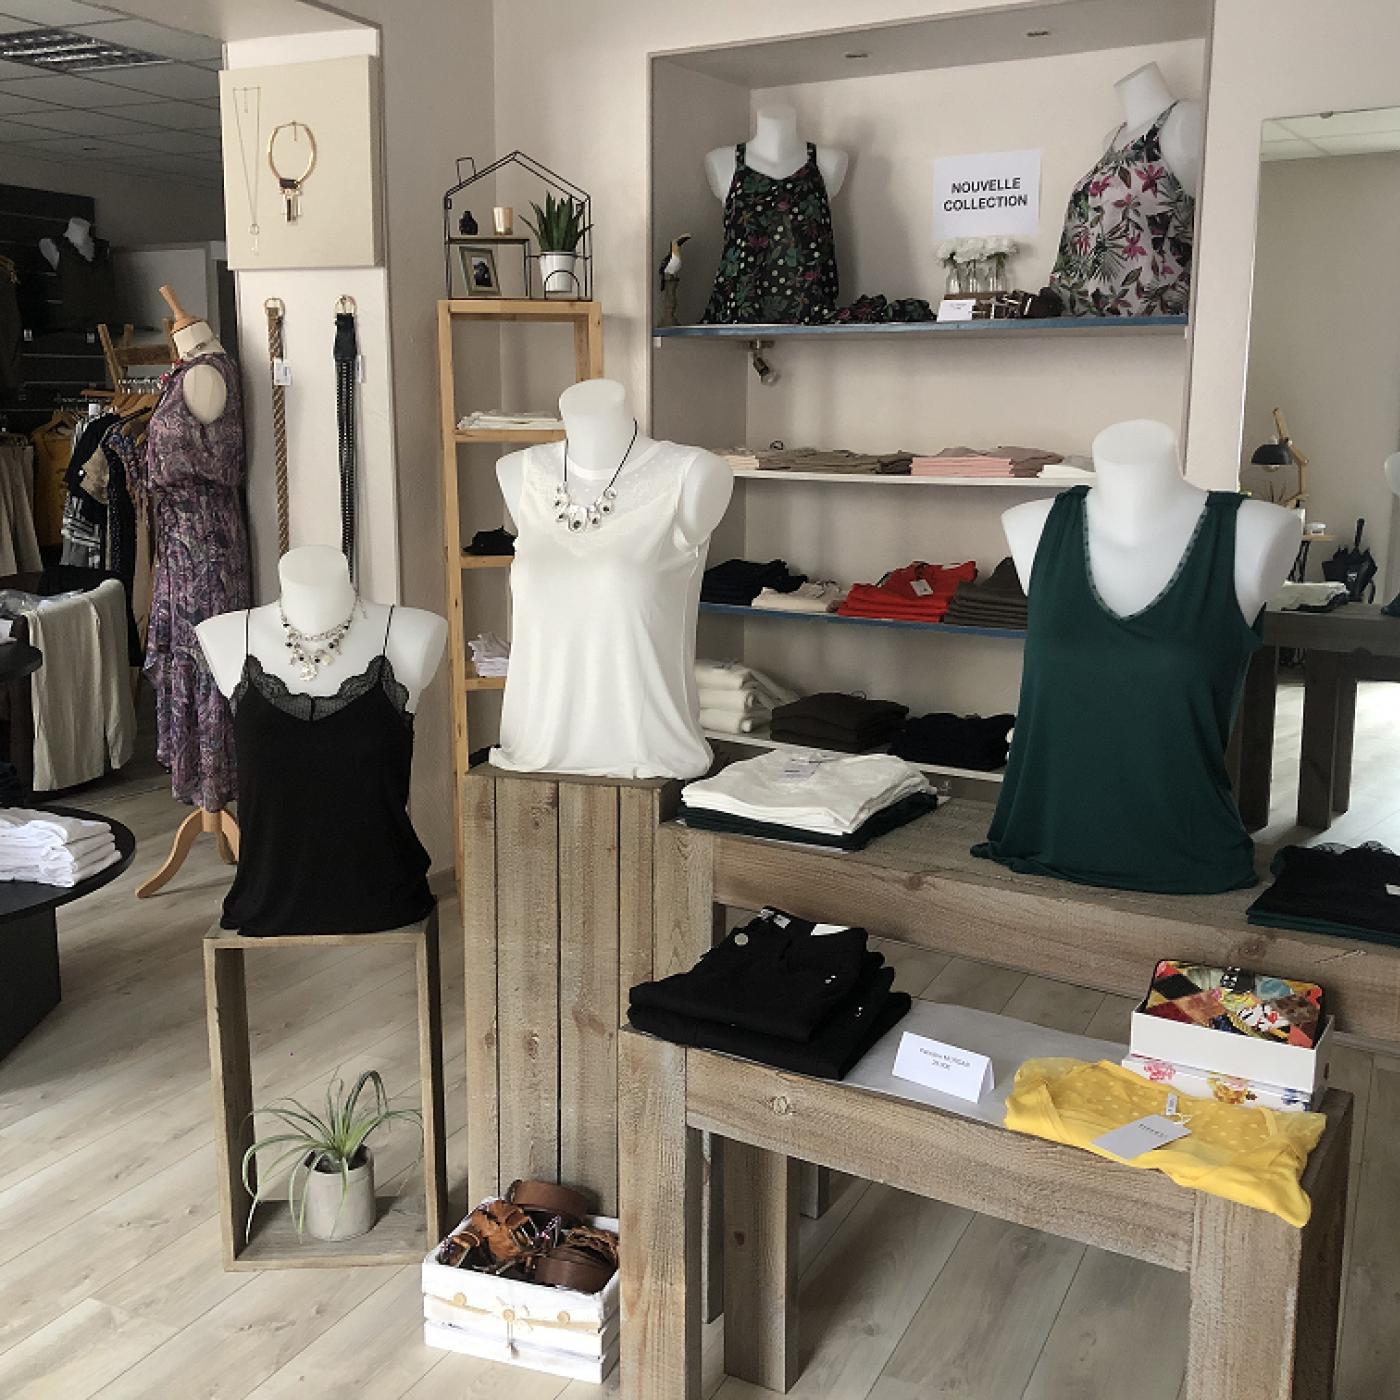 Réouverture des commerces : entre organisation, joie et inquiétude pour les commerçants